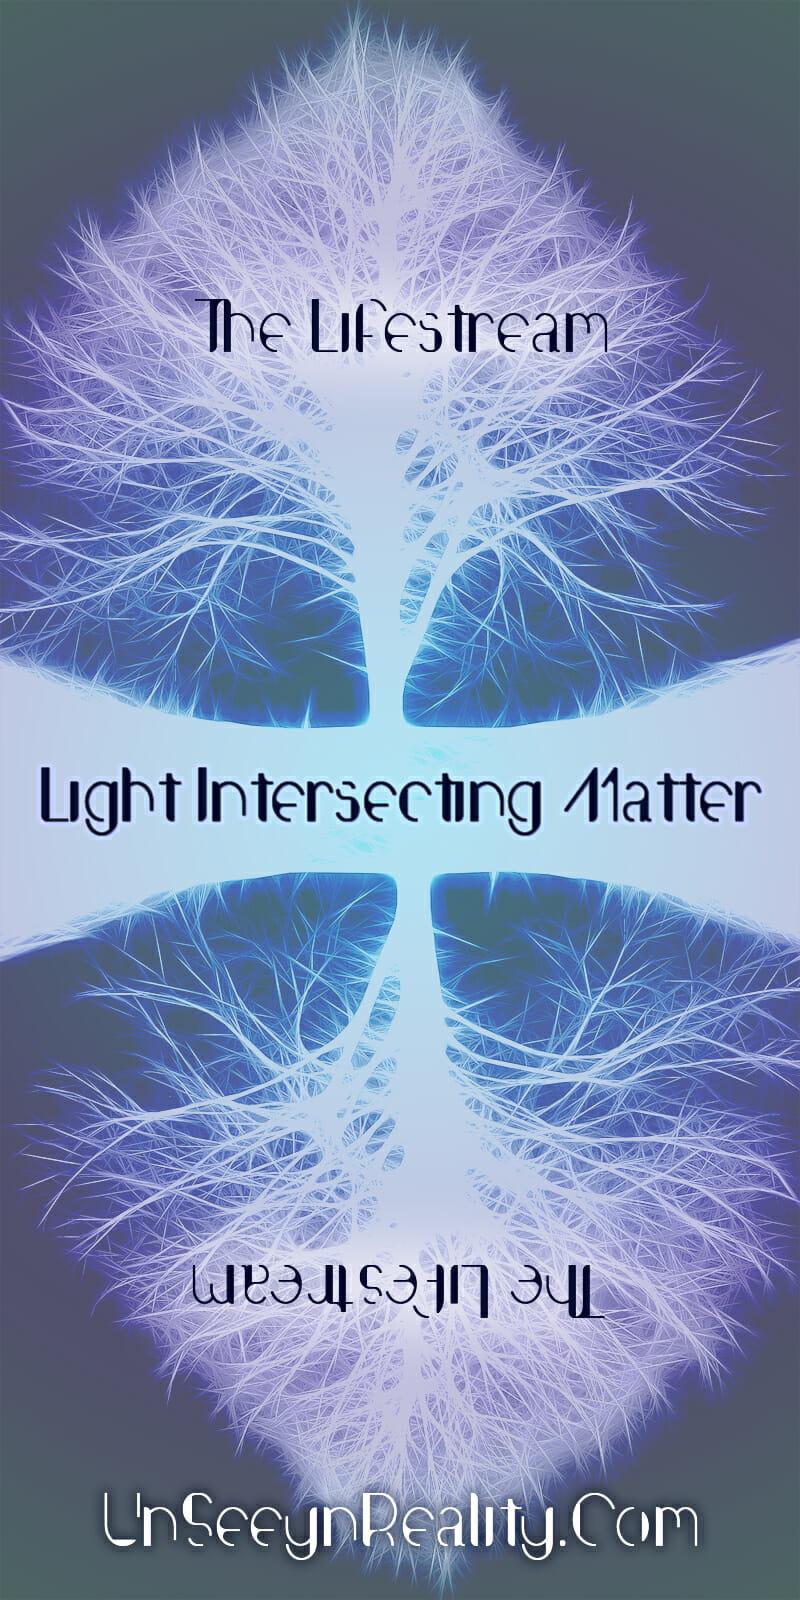 Light into Matter